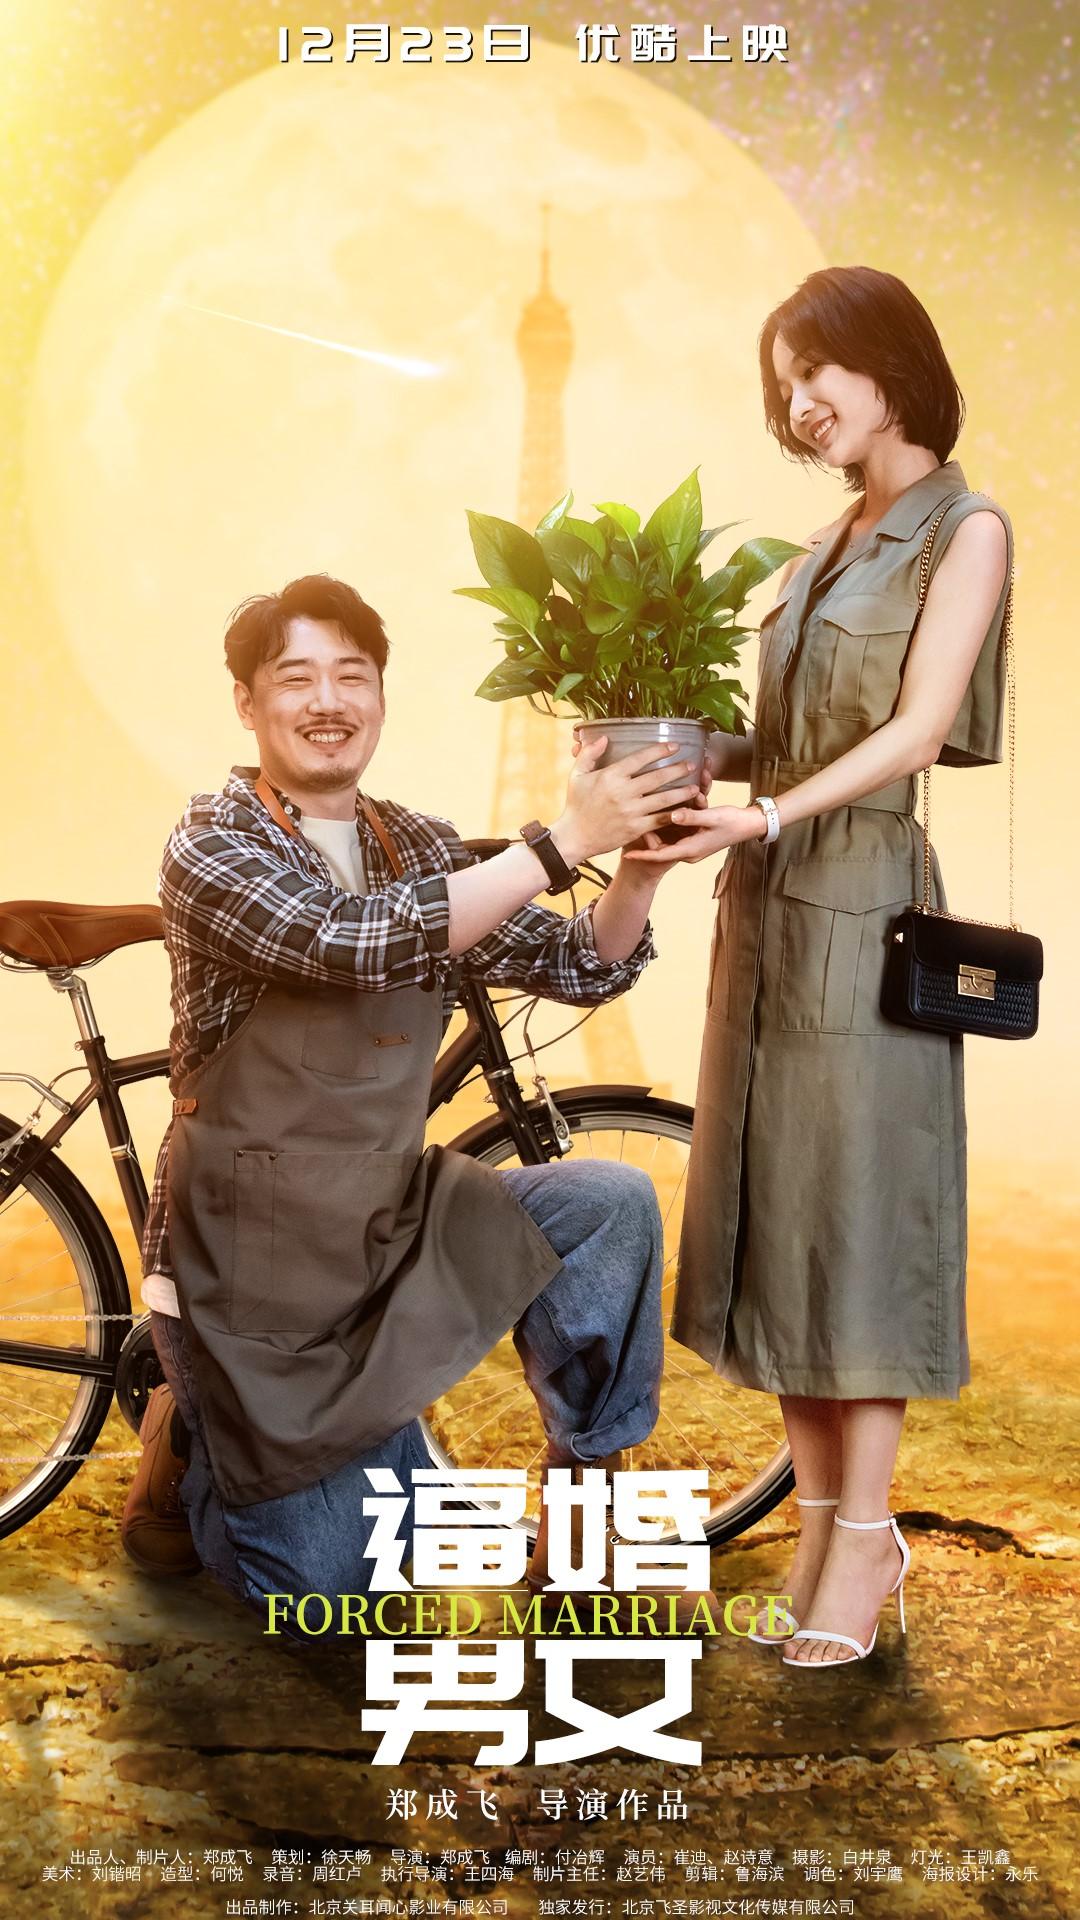 """中国第一部""""逼婚""""主题竖屏短剧《逼婚男女》于12月23日归档 今冬暖心播出"""